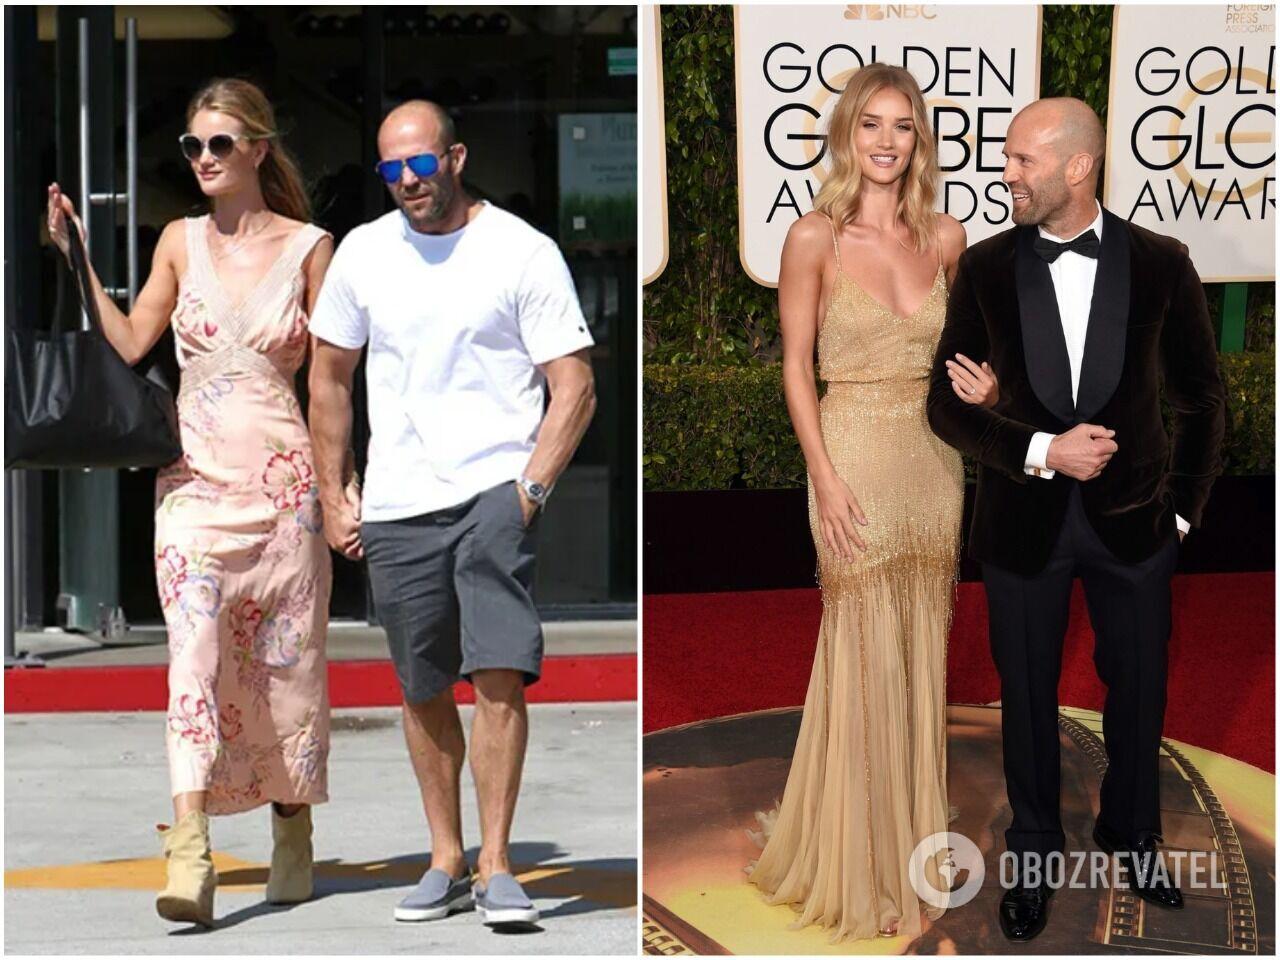 Джейсон Стэтэм ниже своей избранницы-модели, когда она надевает каблуки